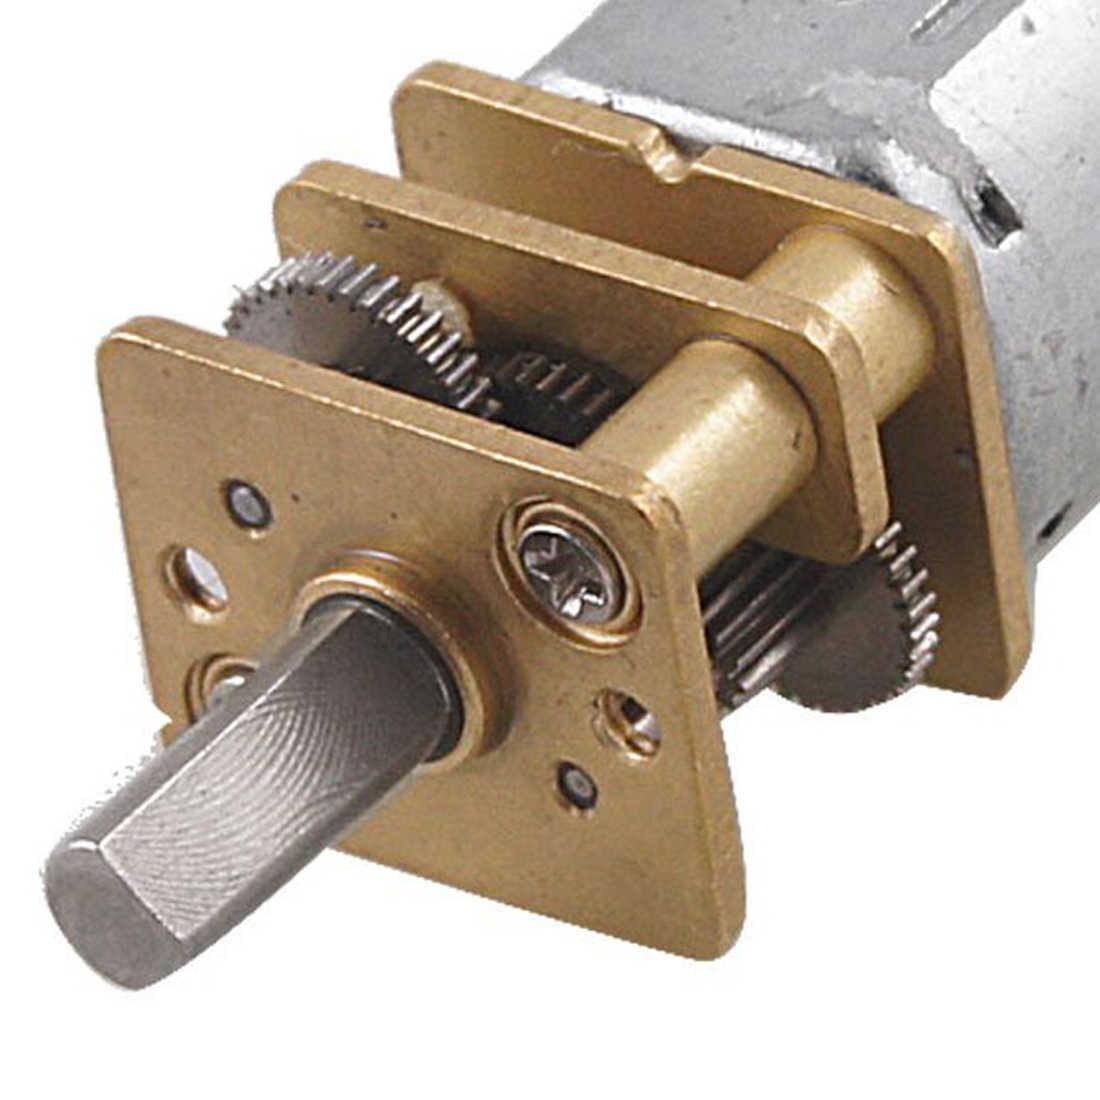 Акция! 60 об/мин 6В 0.3A высокий крутящий момент мини Электрический DC мотор-редуктор для робота DIY